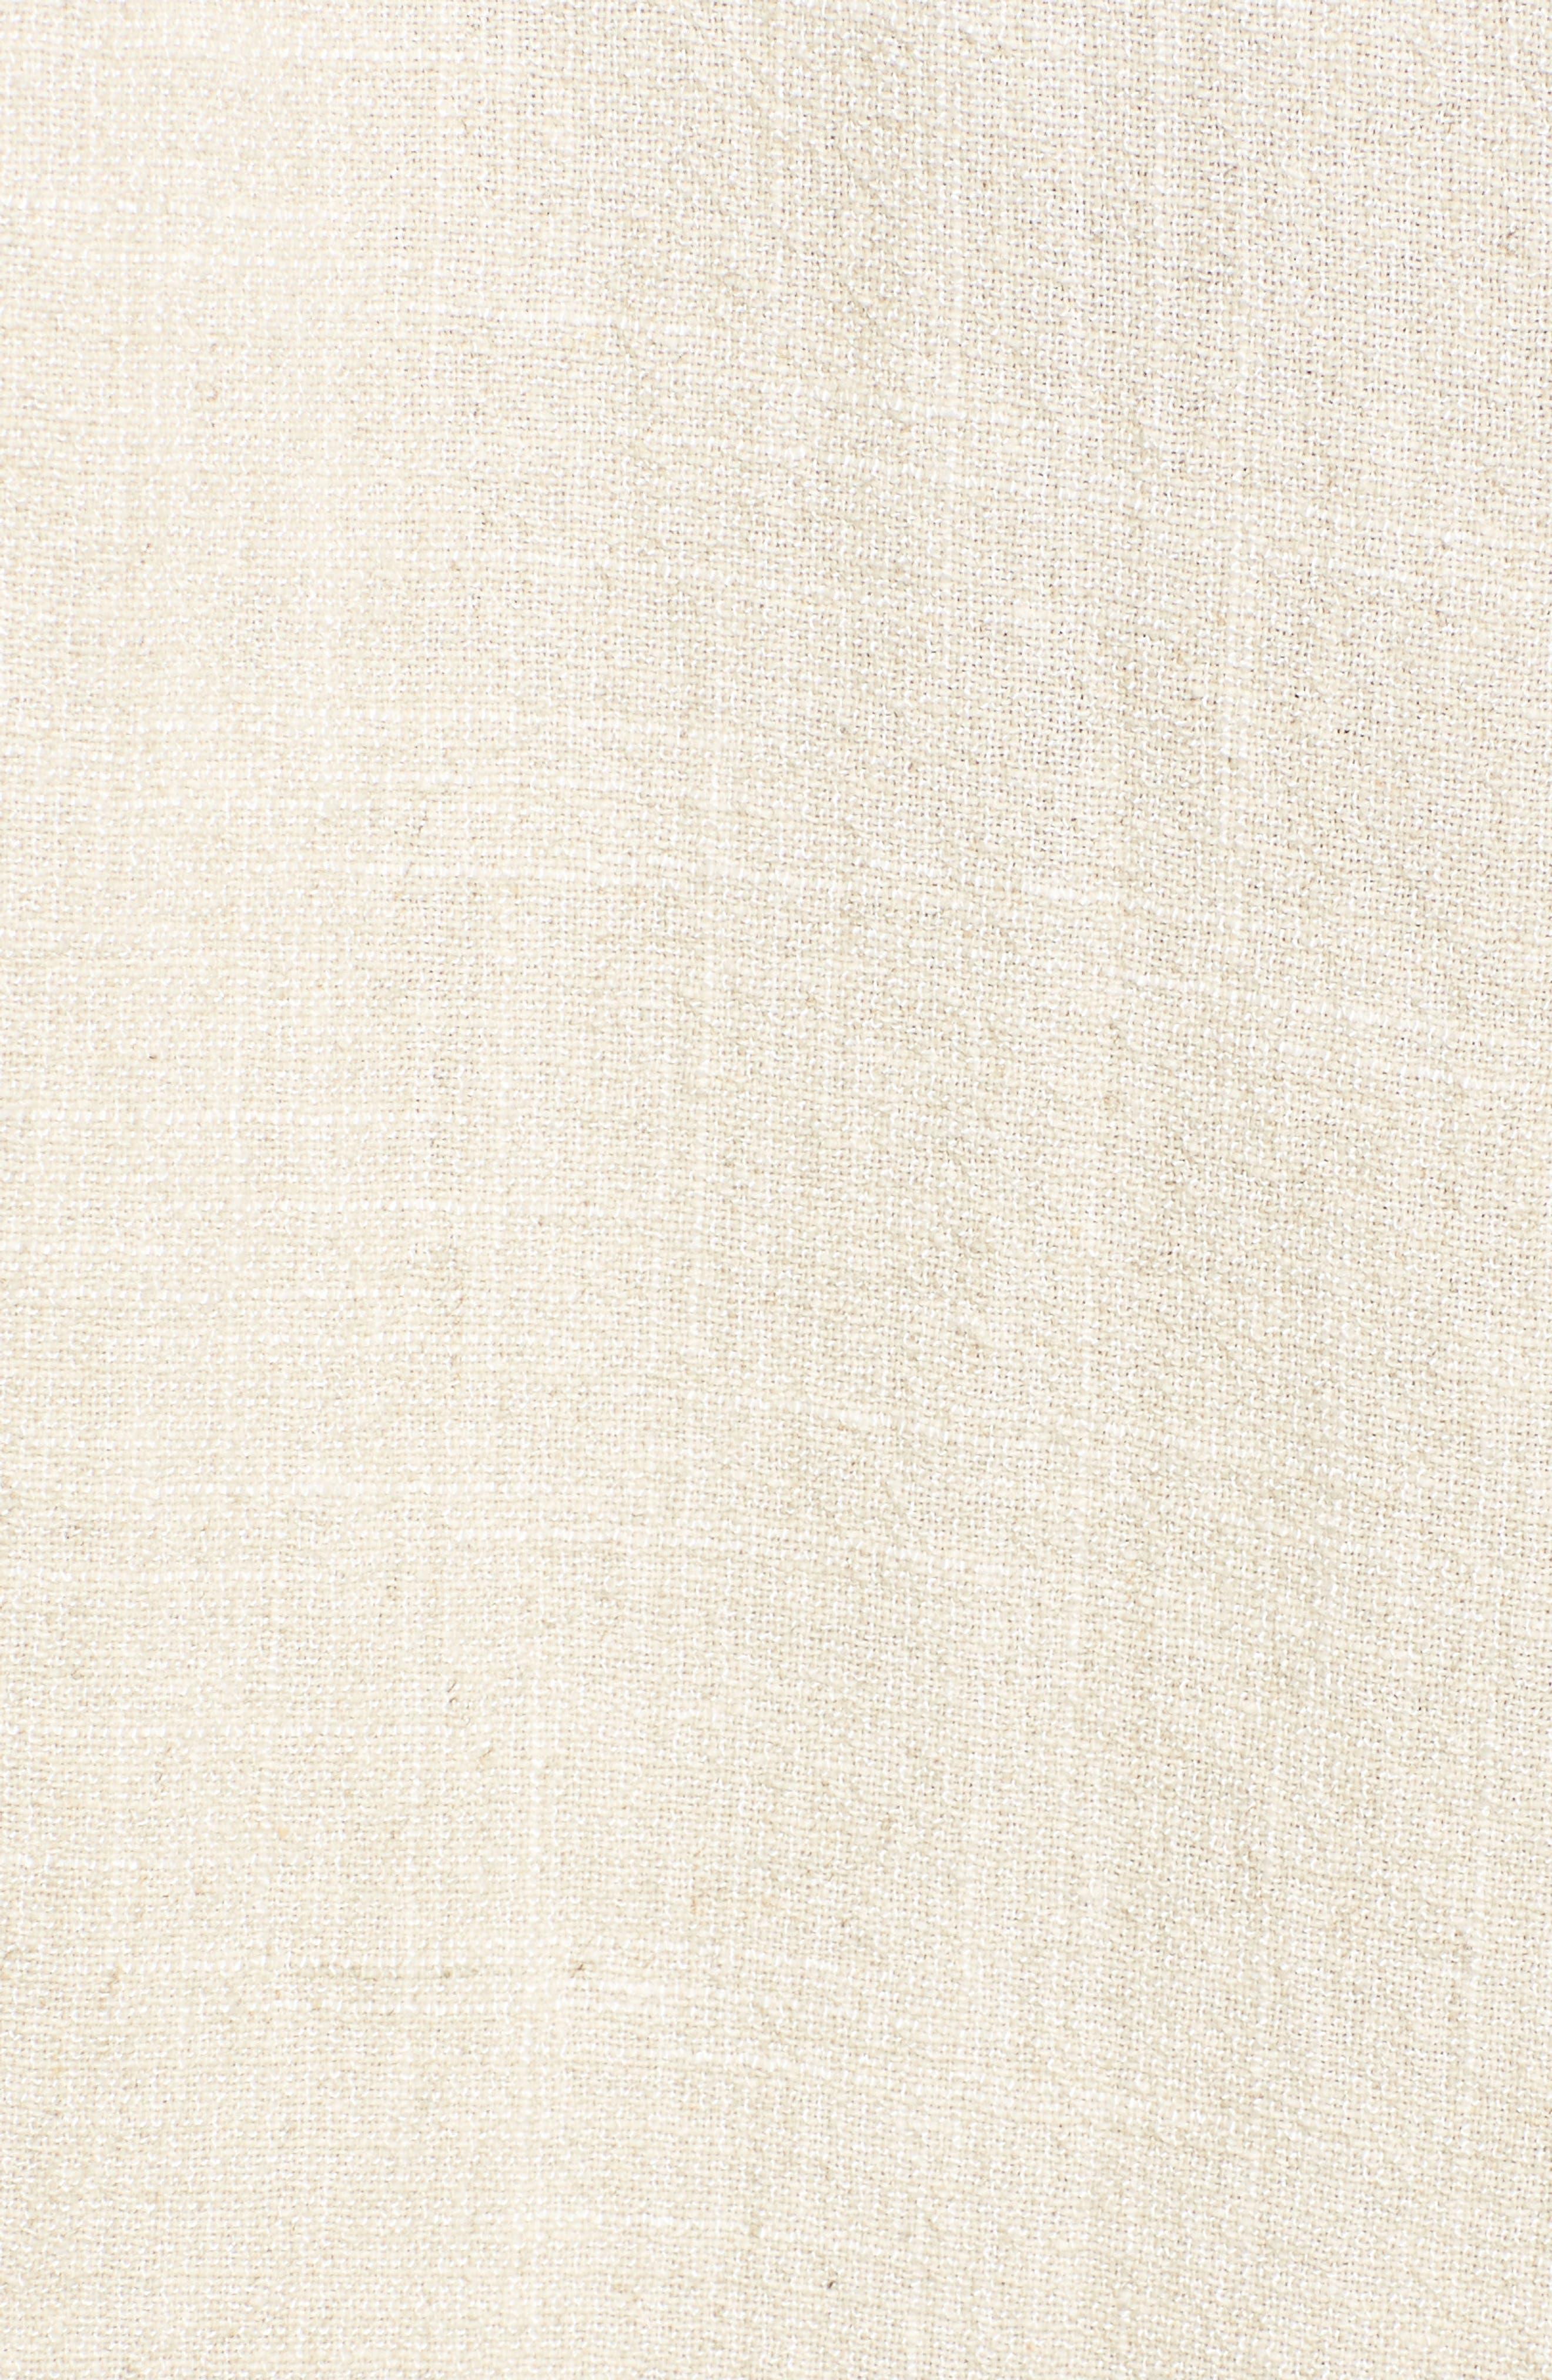 Button Up Drawstring Midi Dress,                             Alternate thumbnail 5, color,                             250